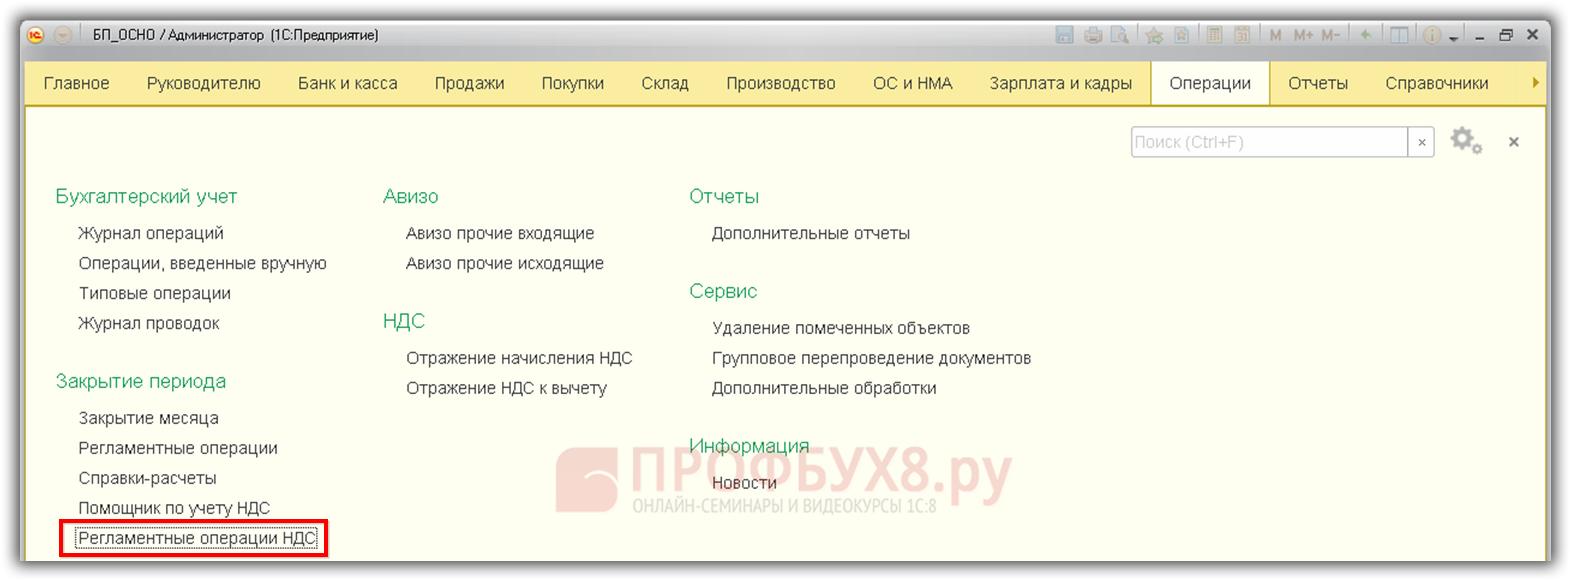 Регламентные операции НДС в интерфейсе 1С